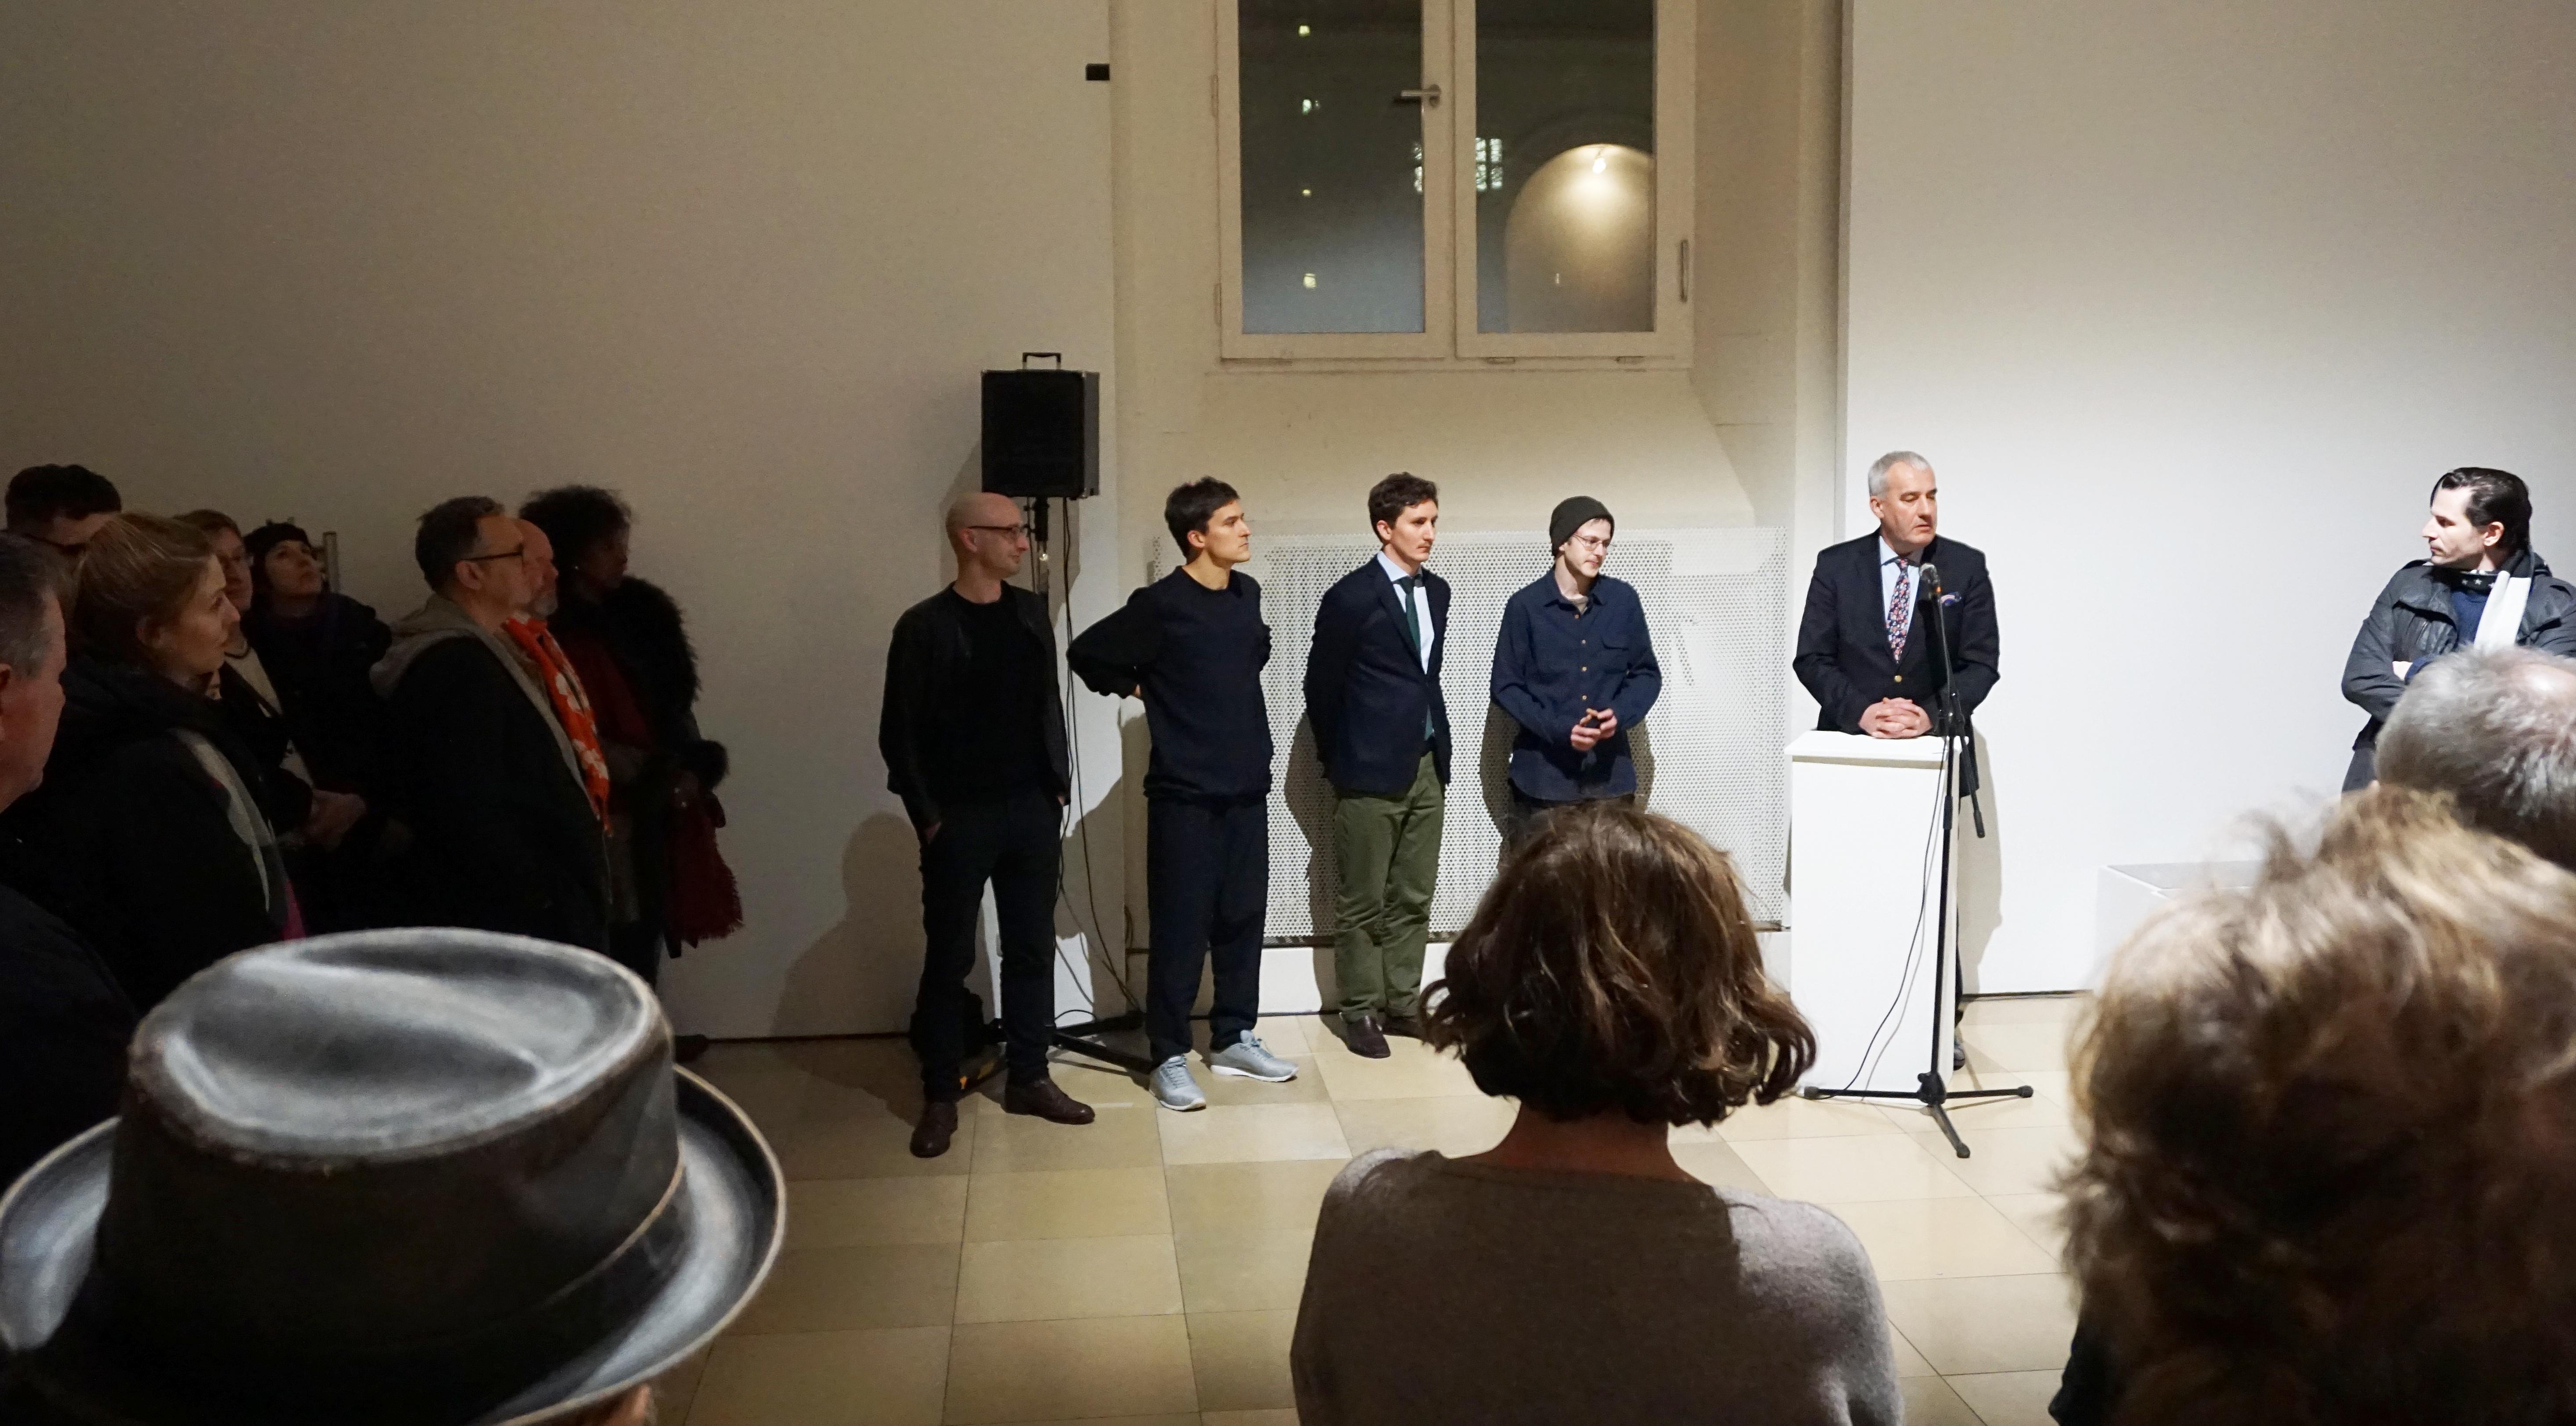 Eröffnung der Bayerischen Kunstförderpreise durch Kultusminister Dr. Ludwig Spaenle